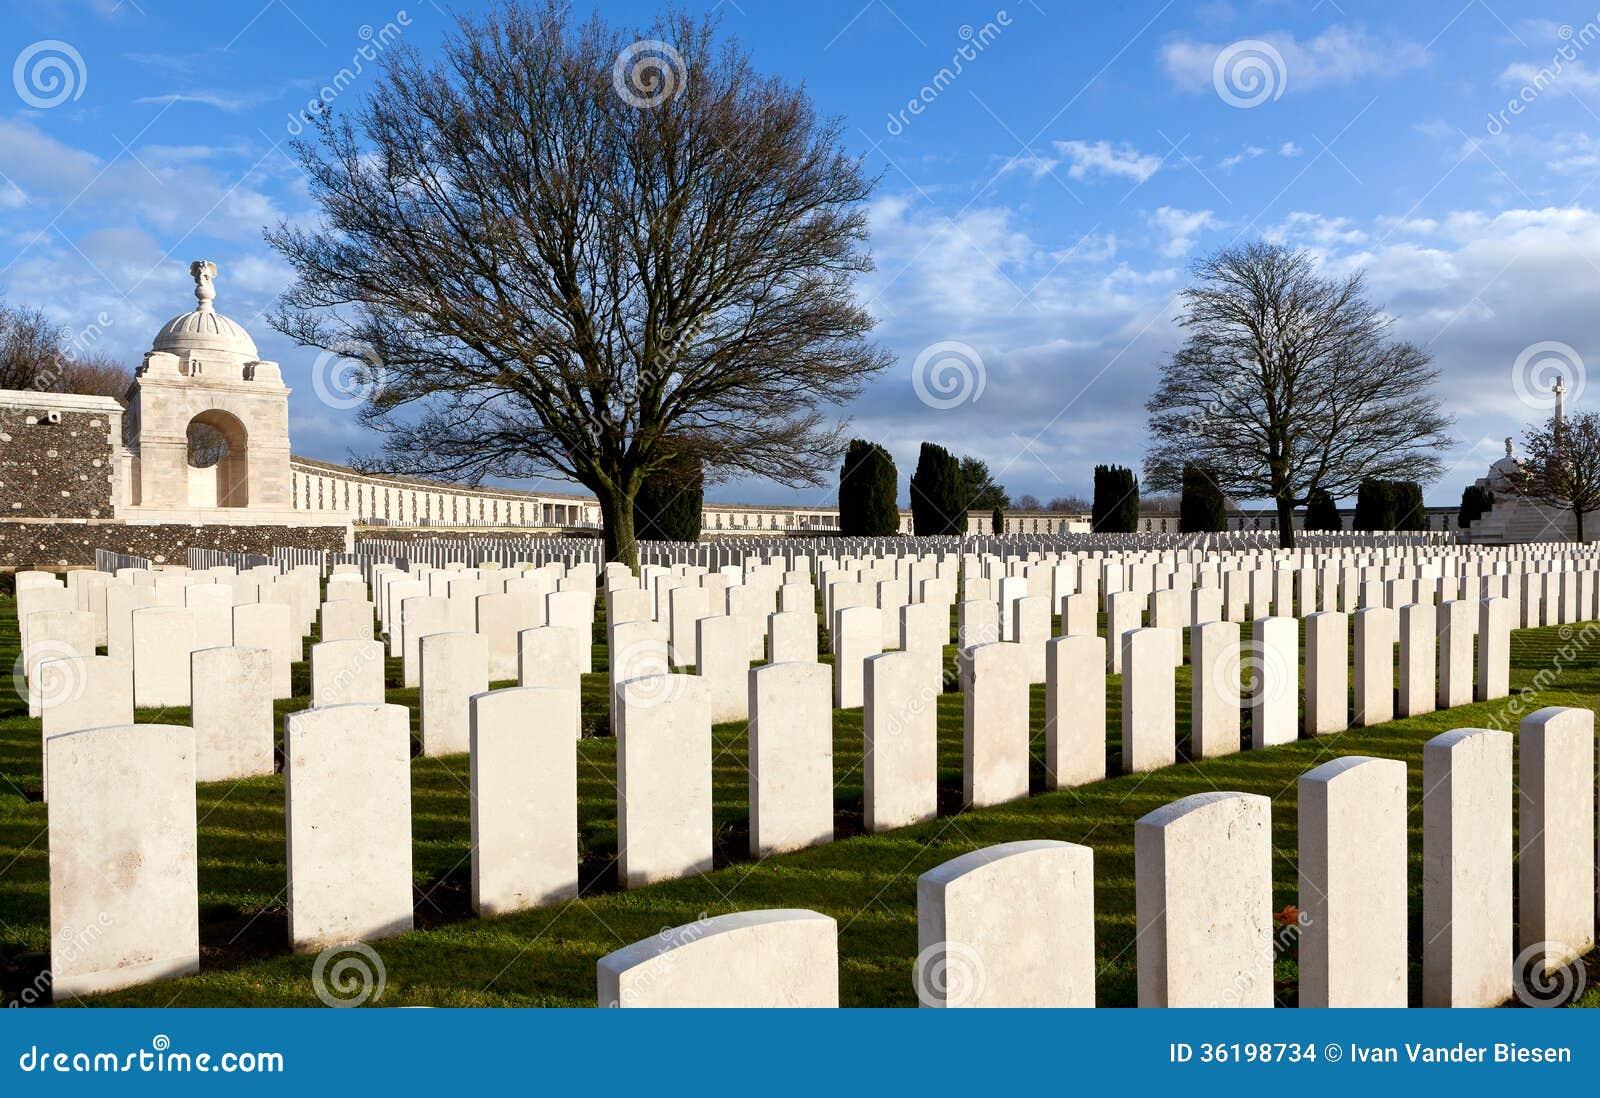 泰恩河富兰德领域的轻便小床公墓,比利时